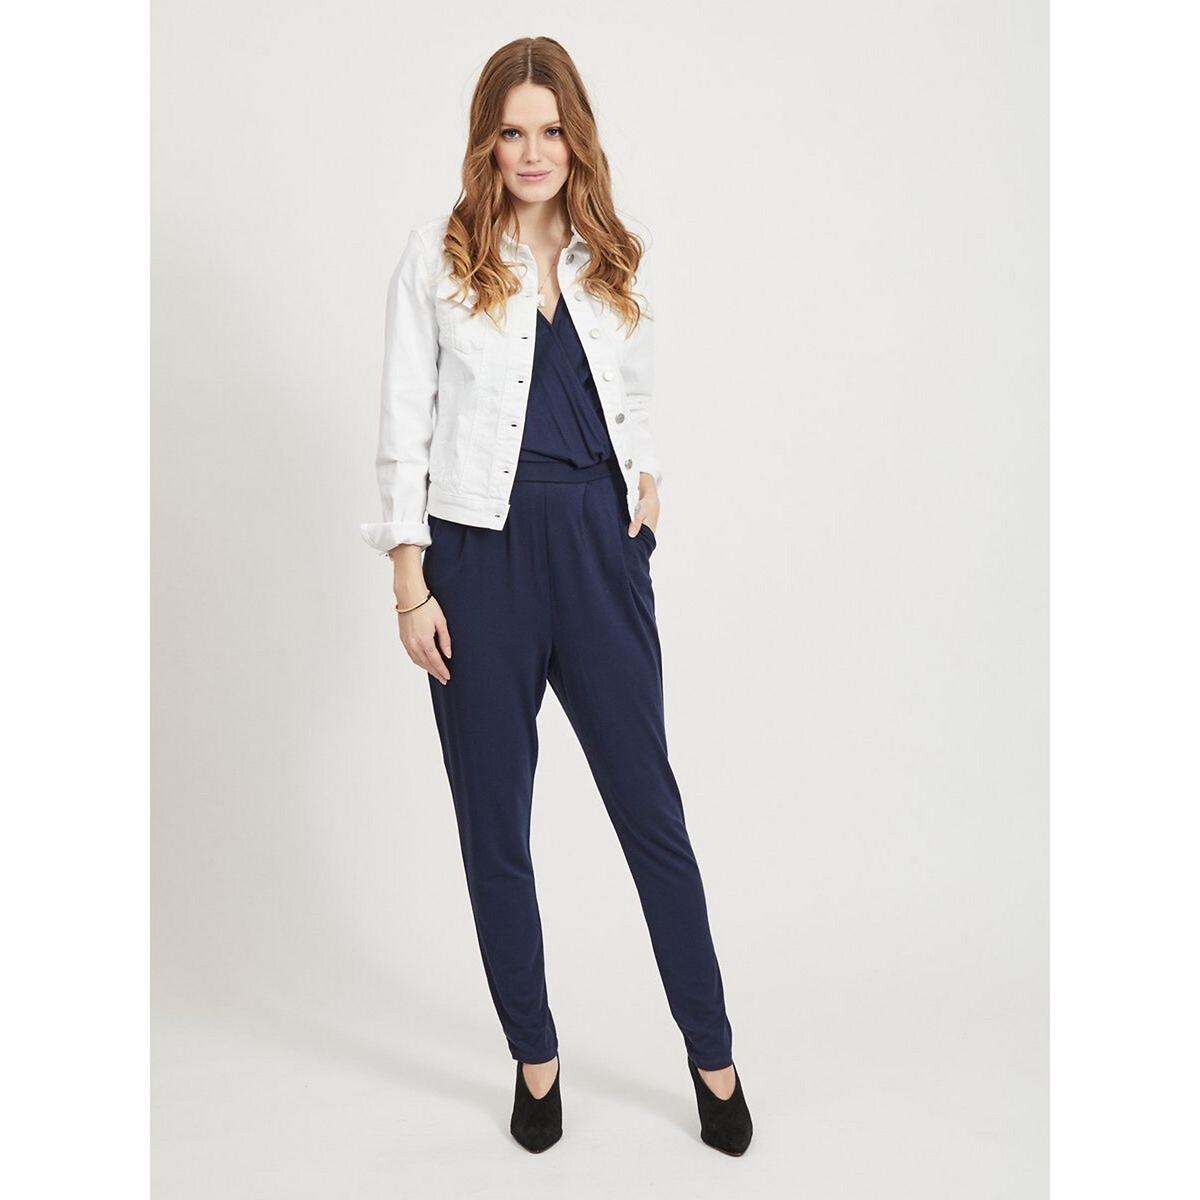 Фото - Куртка LaRedoute Прямого покроя из джинсовой ткани S белый юбка laredoute джинсовая прямого покроя xs синий